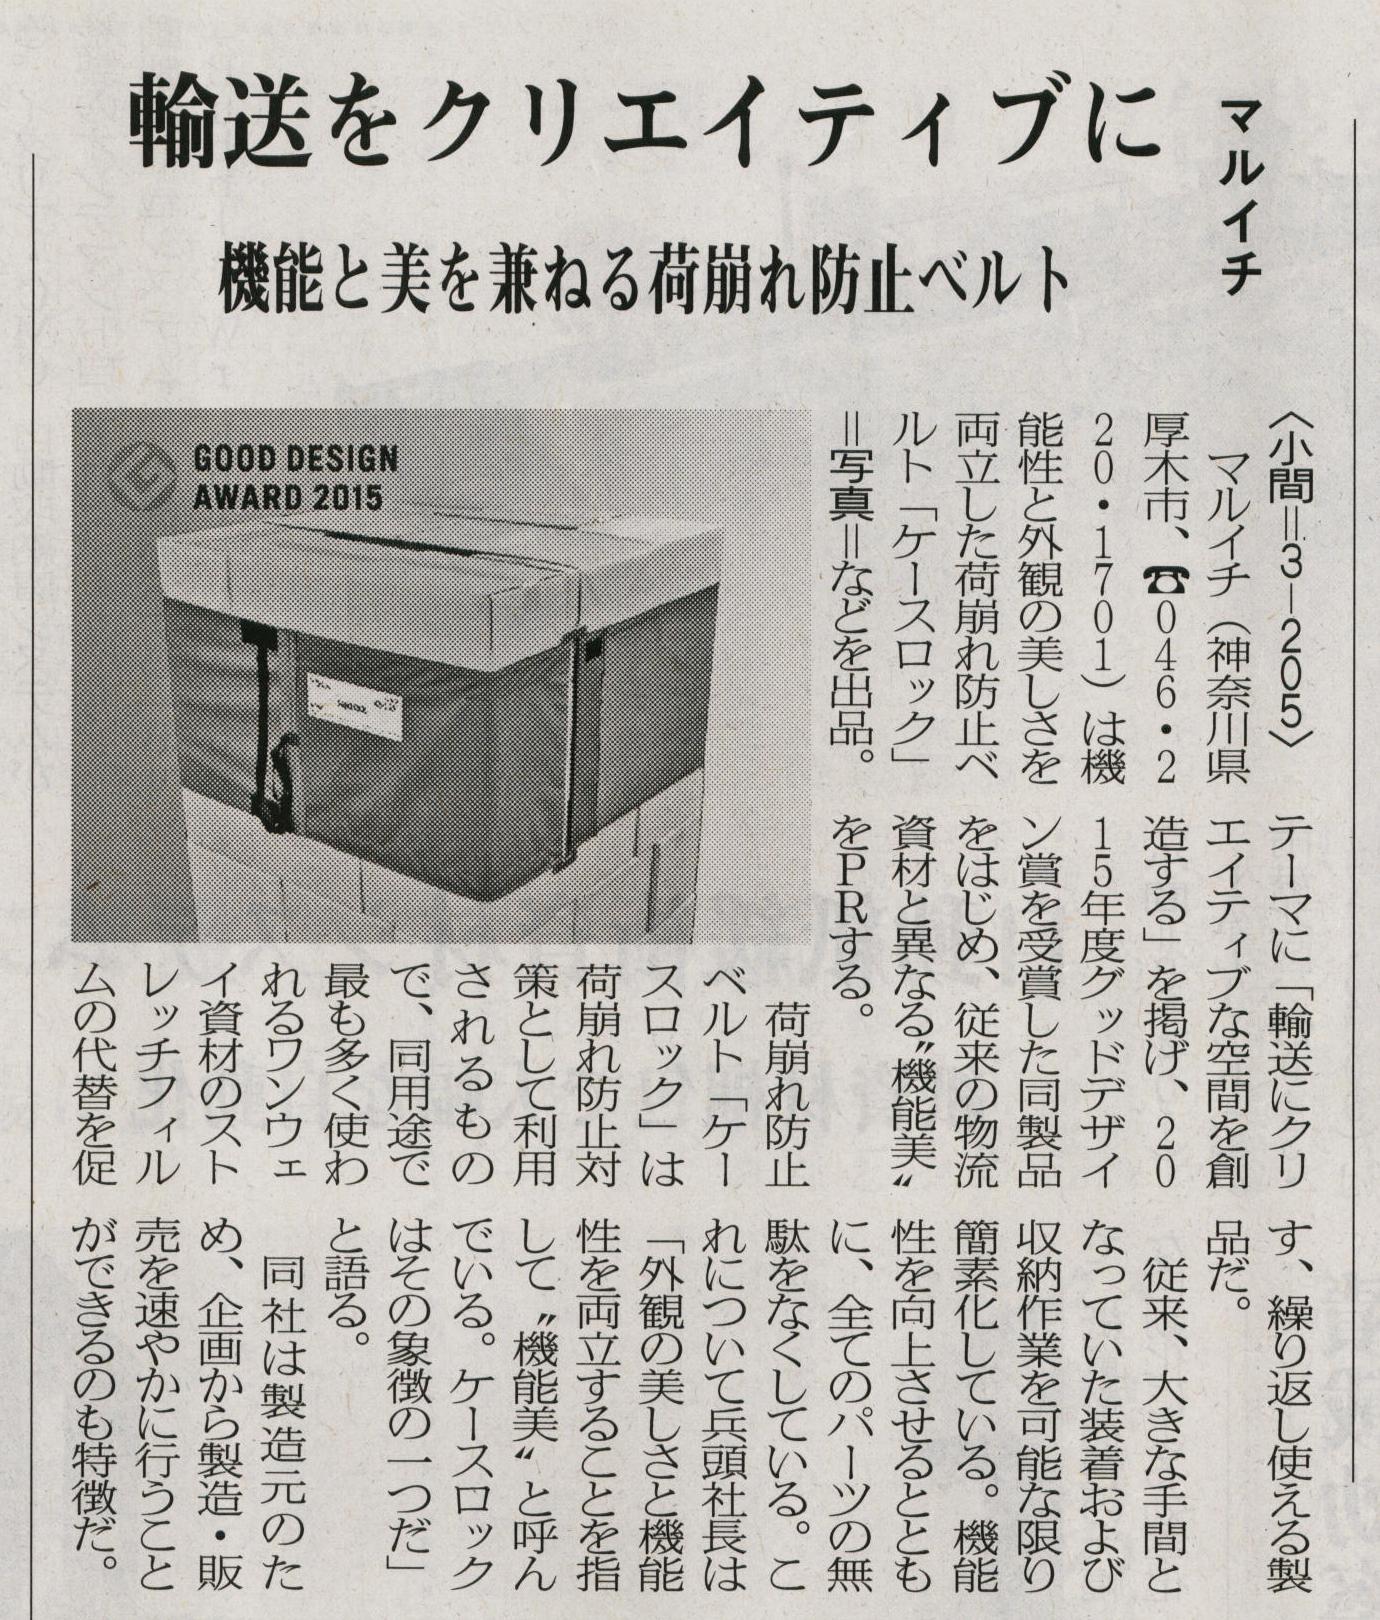 包装タイムス紙に掲載されました!